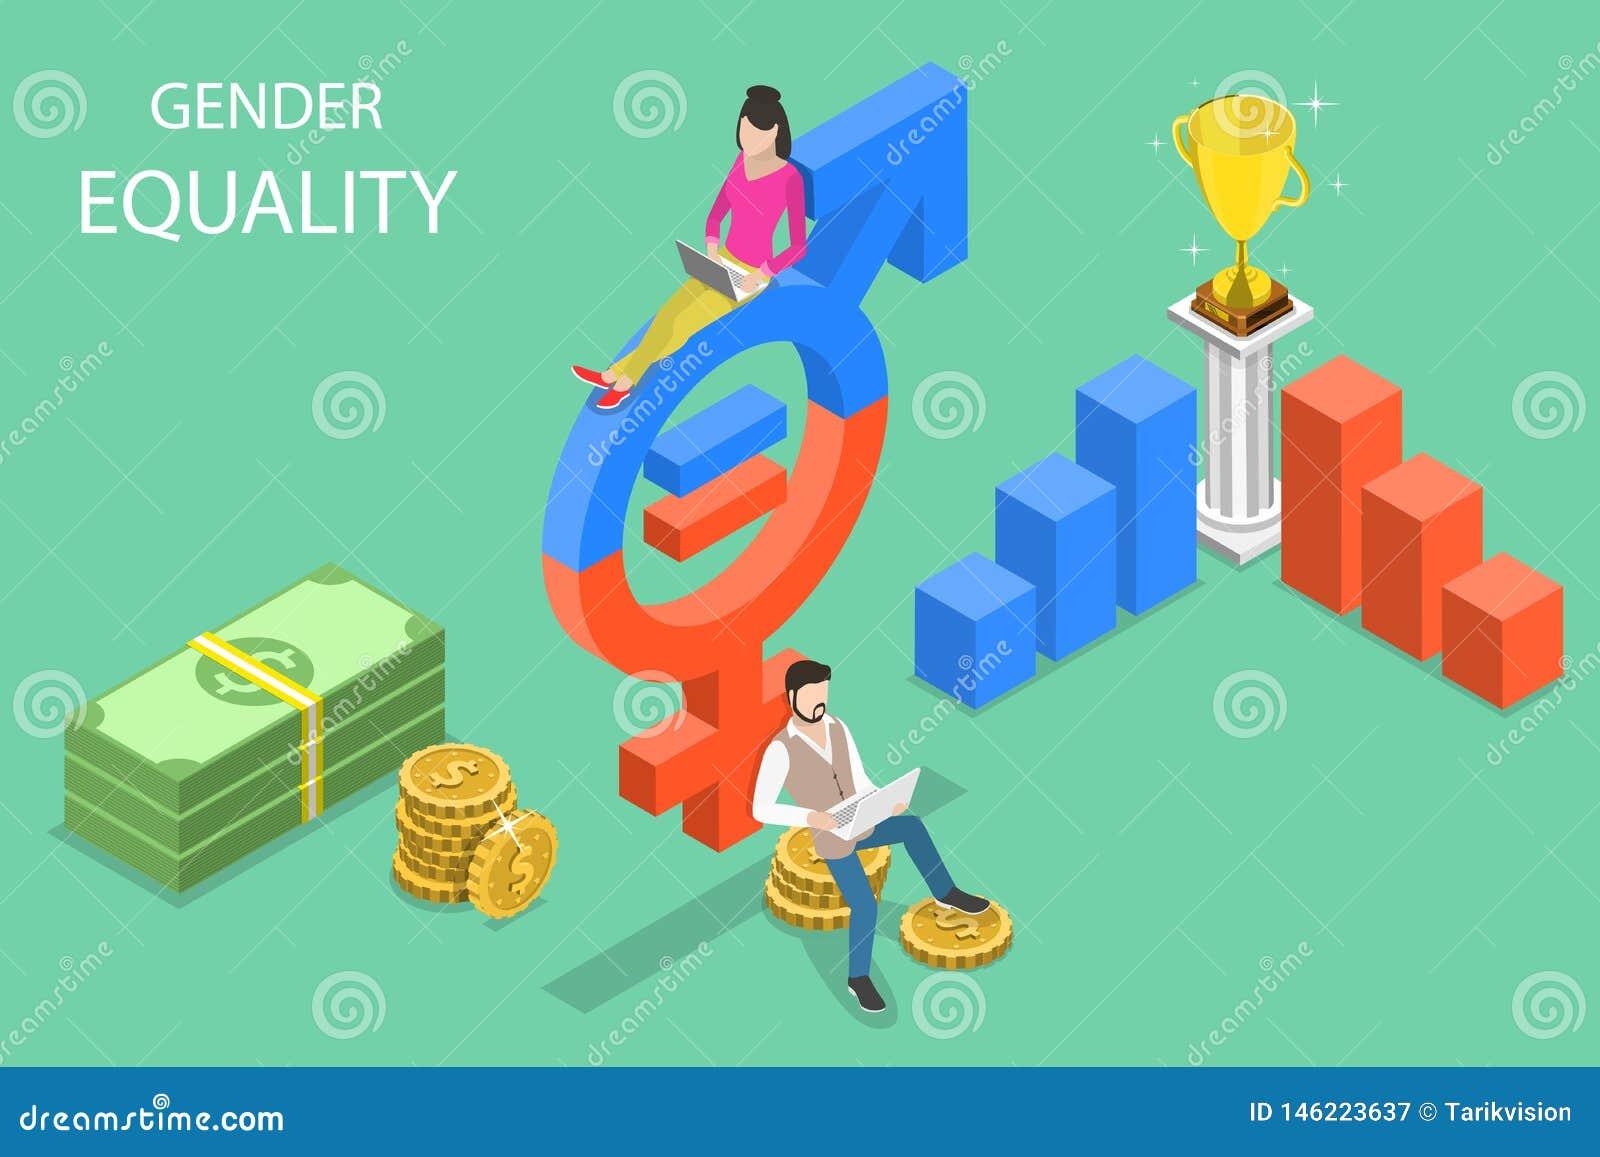 男女平等、男性和女性平等权利的等量平的传染媒介概念